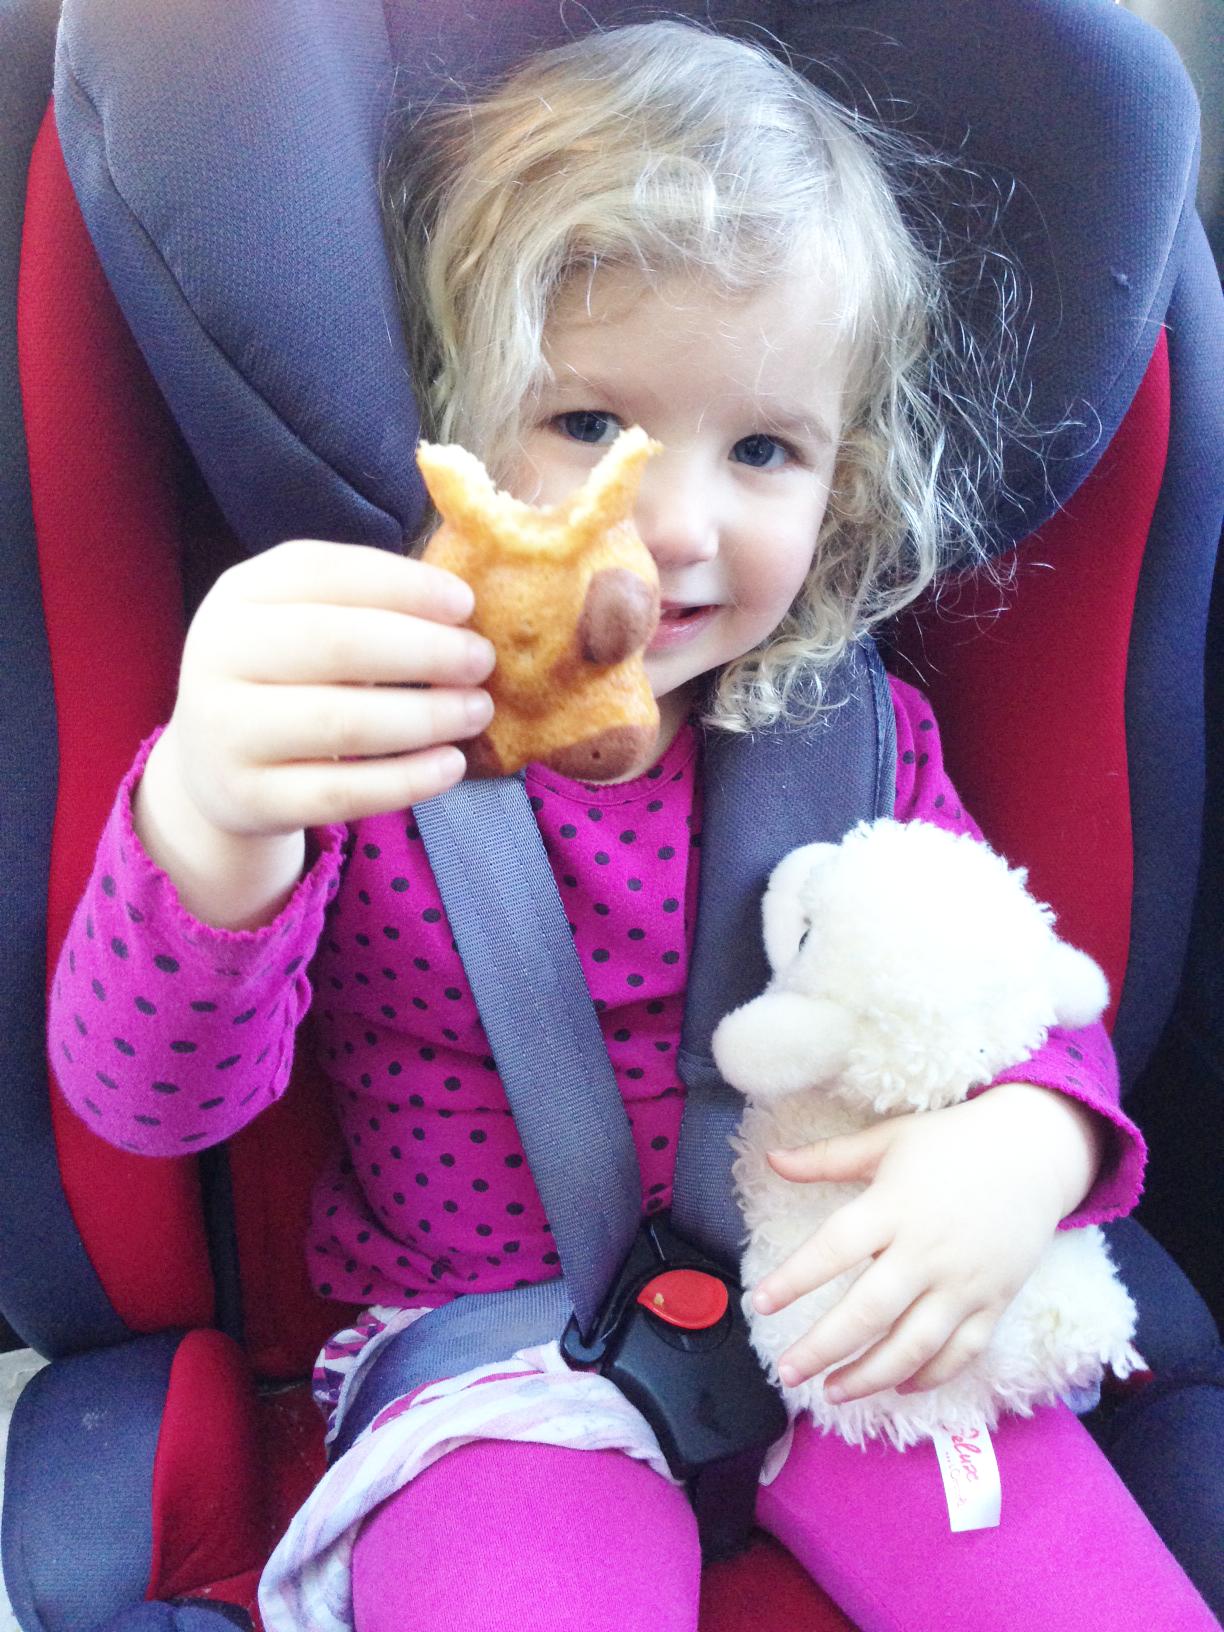 Barny bear snacks